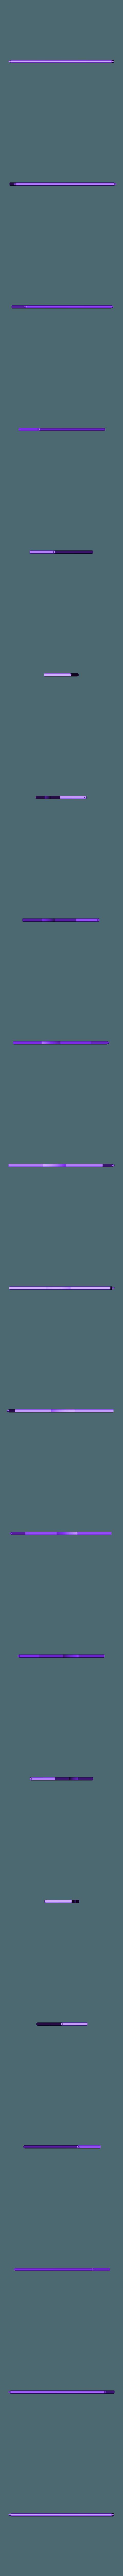 xacto_stand_-_xacto_lid-1-1.STL Télécharger fichier STL gratuit Support x-acto et étui à lames • Design pour imprimante 3D, rubenzilzer